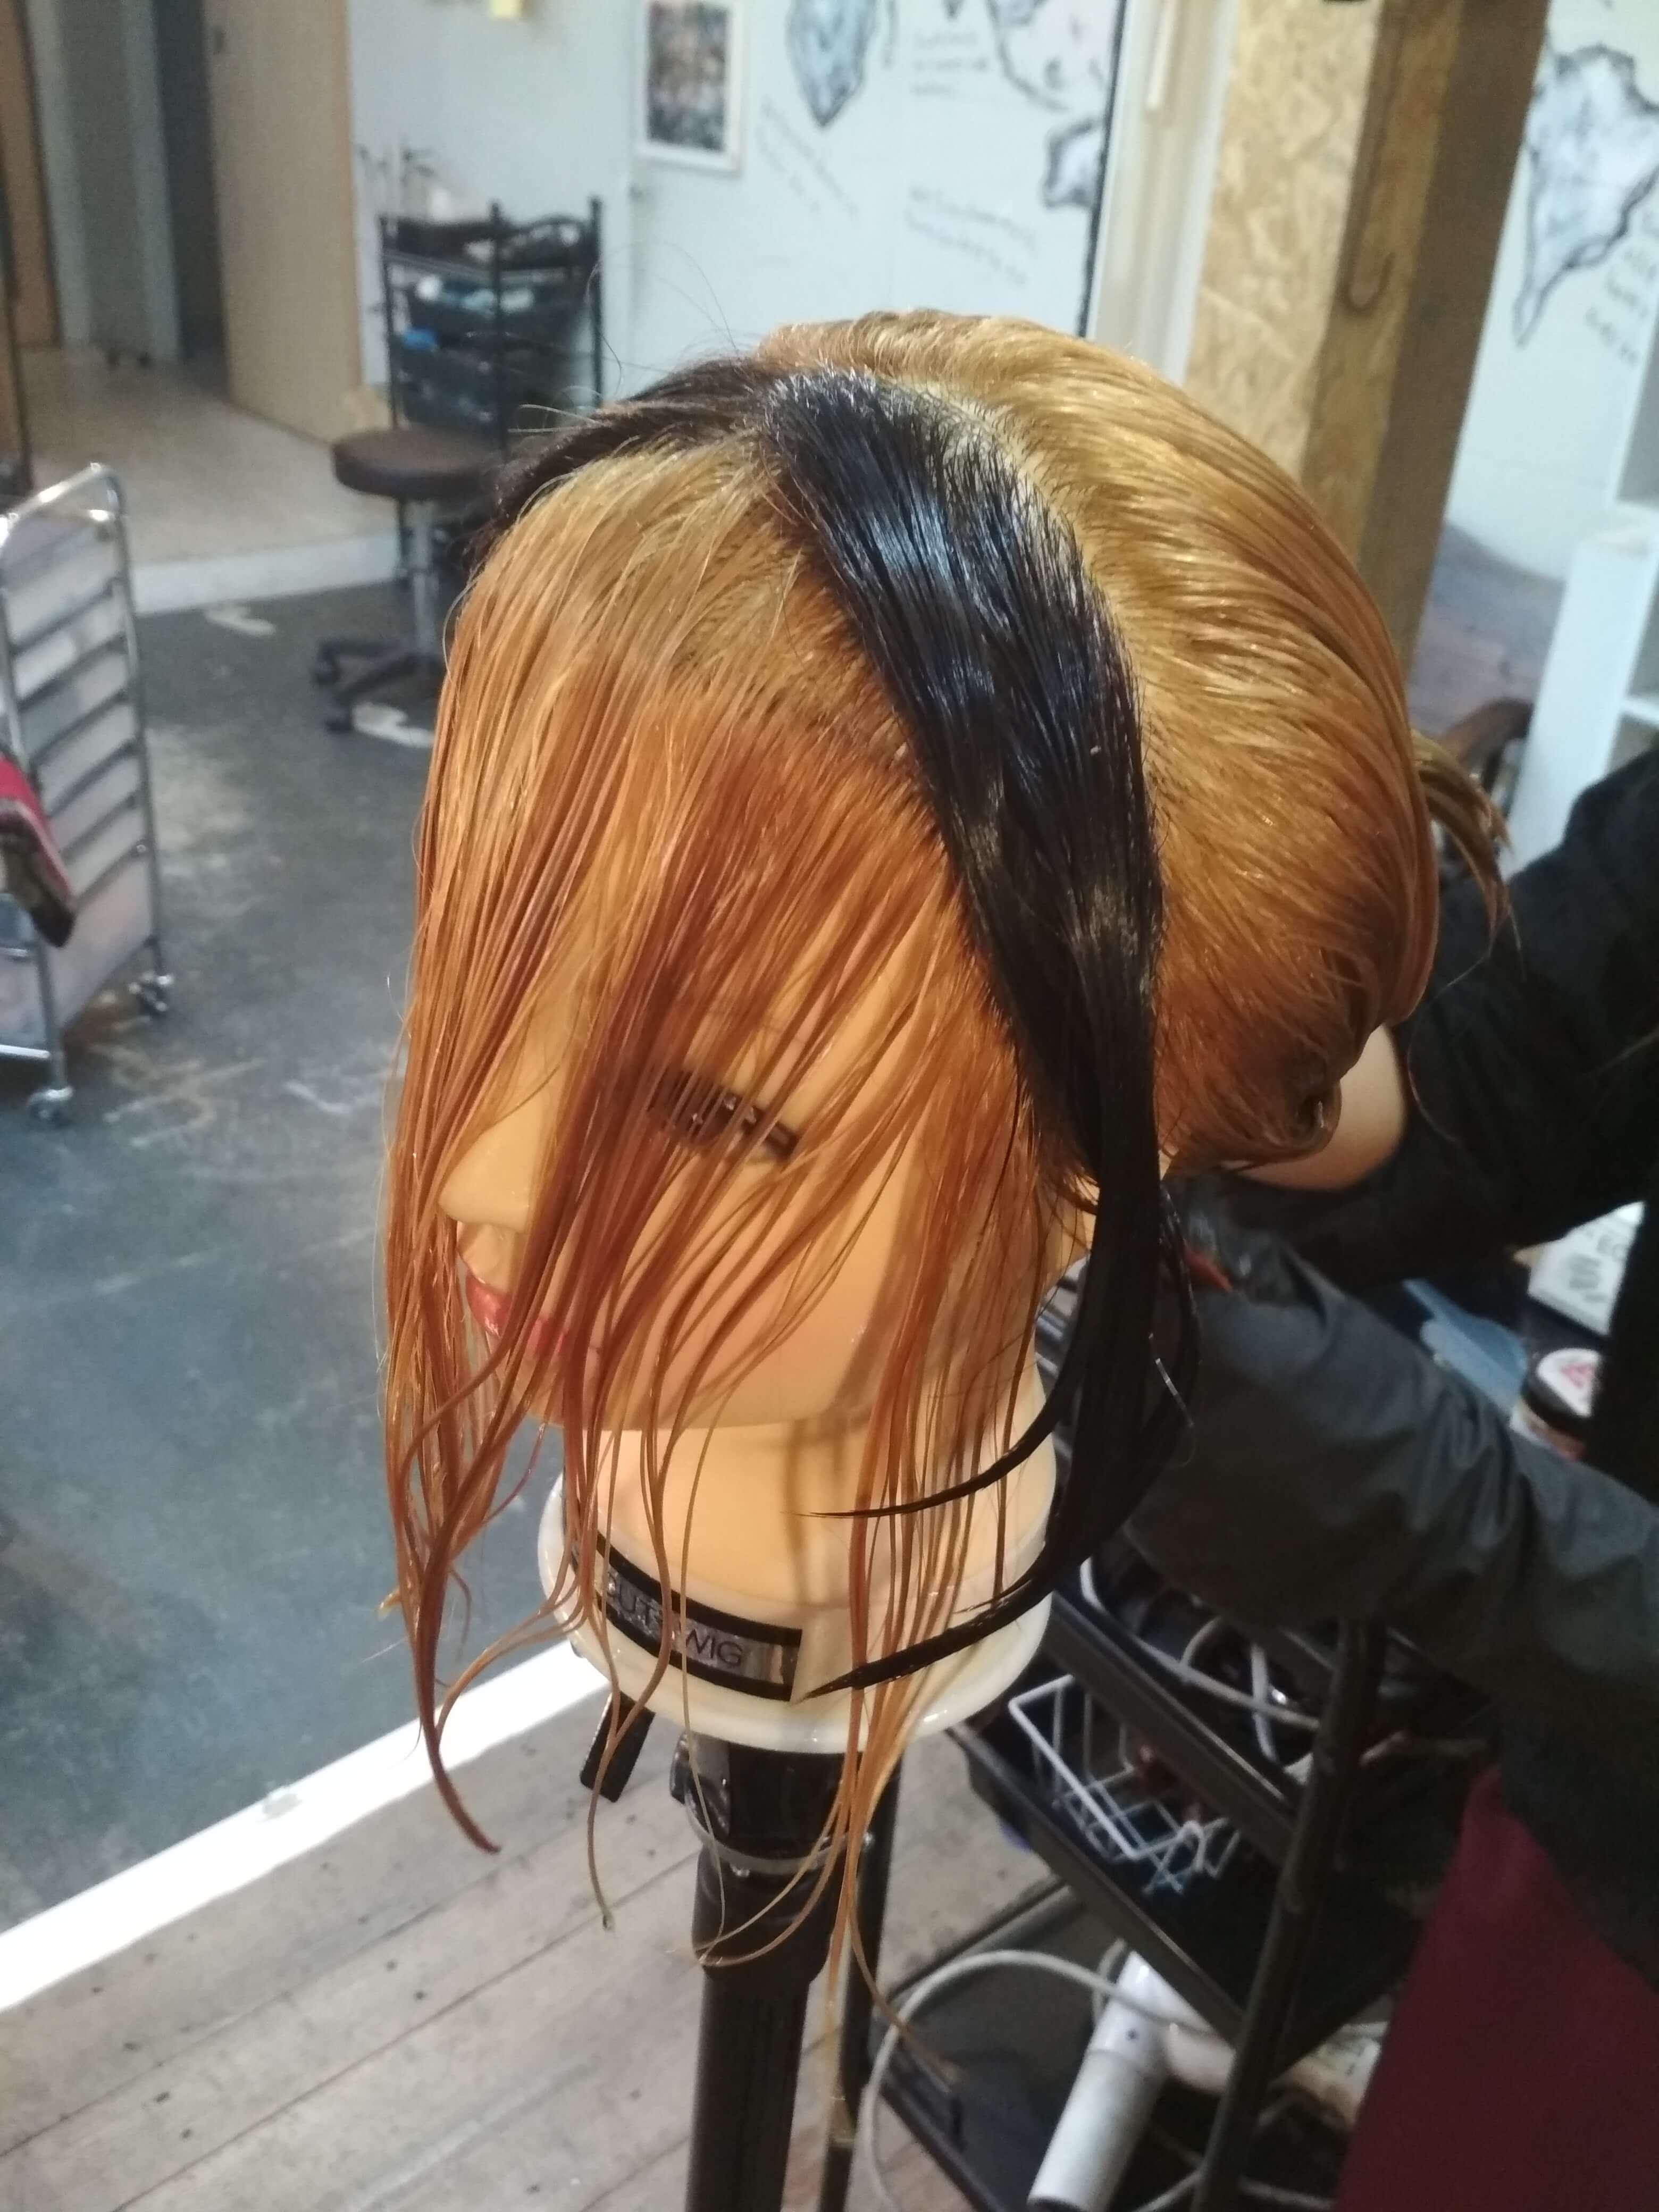 遊☆戯☆王の髪型を作る